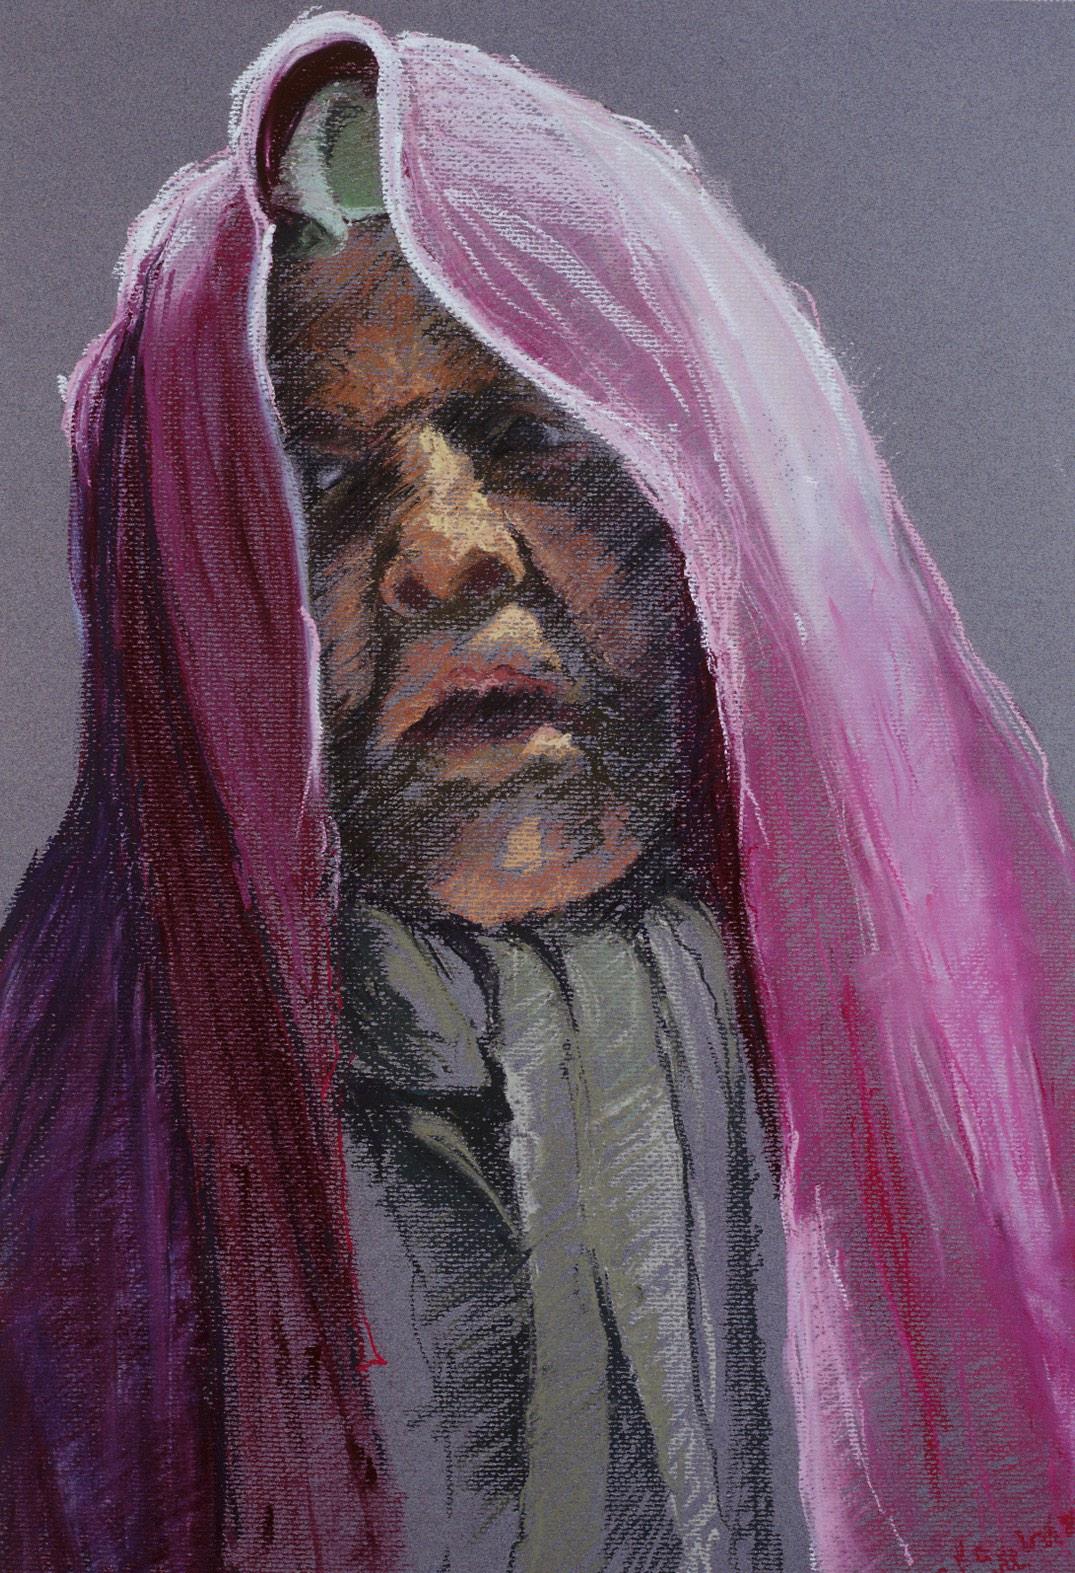 'De vrouw die viel' 23x46cm, pastel op papier, info button.